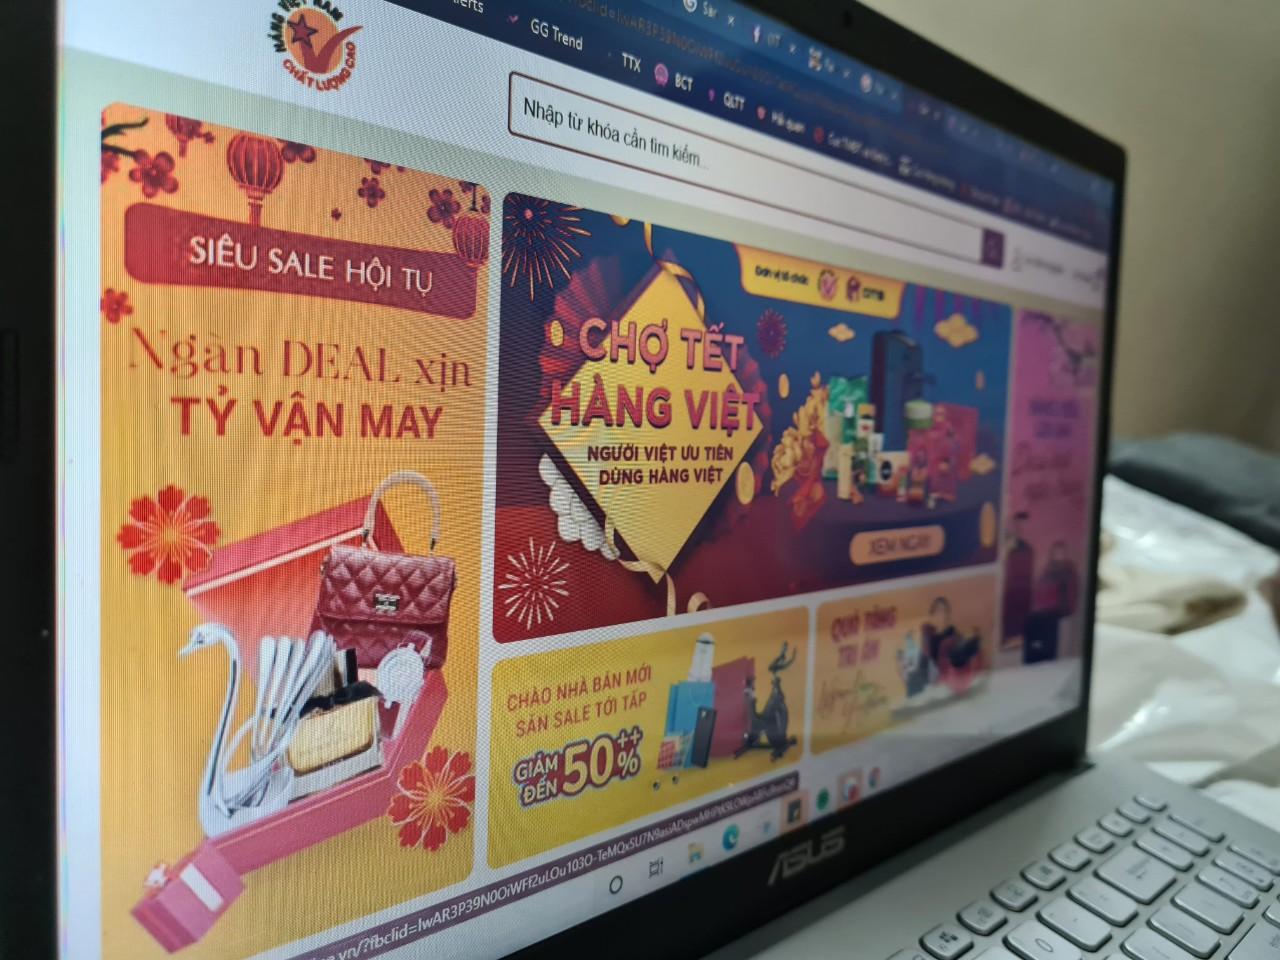 Sàn TMĐT hàng Việt Nam chất lượng cao chính thức ra mắt người tiêu dùng - Ảnh 1.